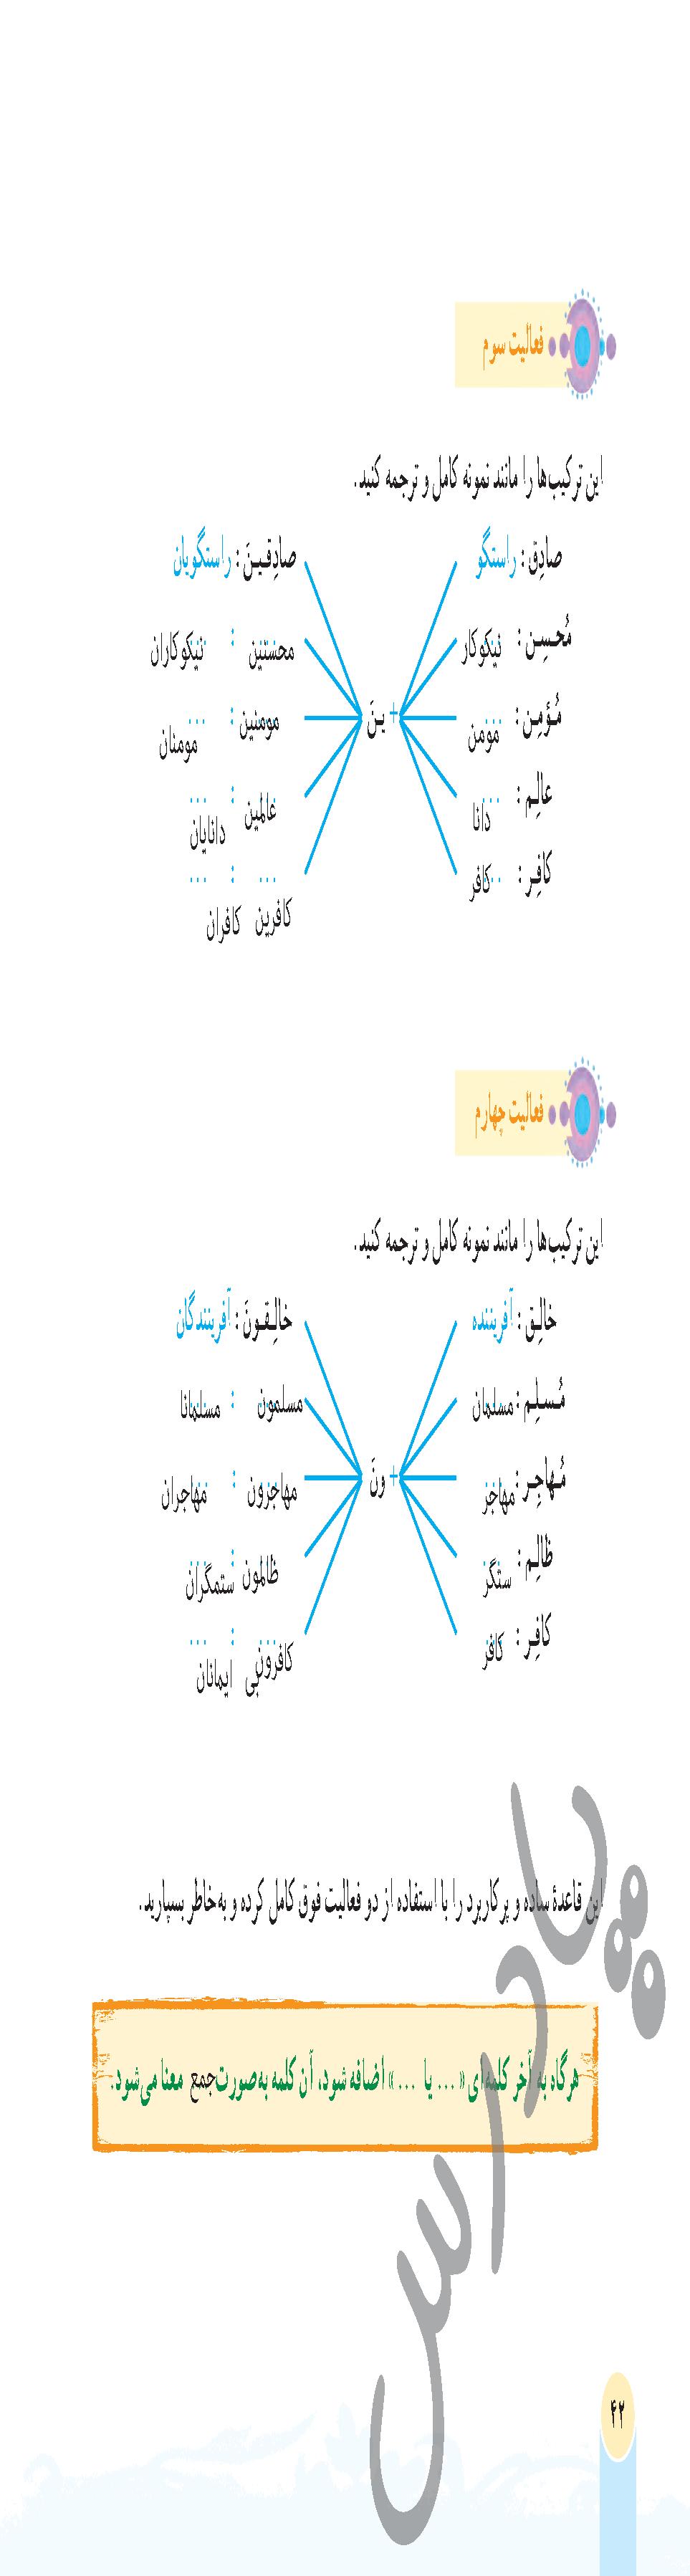 ادامه پاسخ فعالیت درس 4 قرآن هفتم - جلسه اول